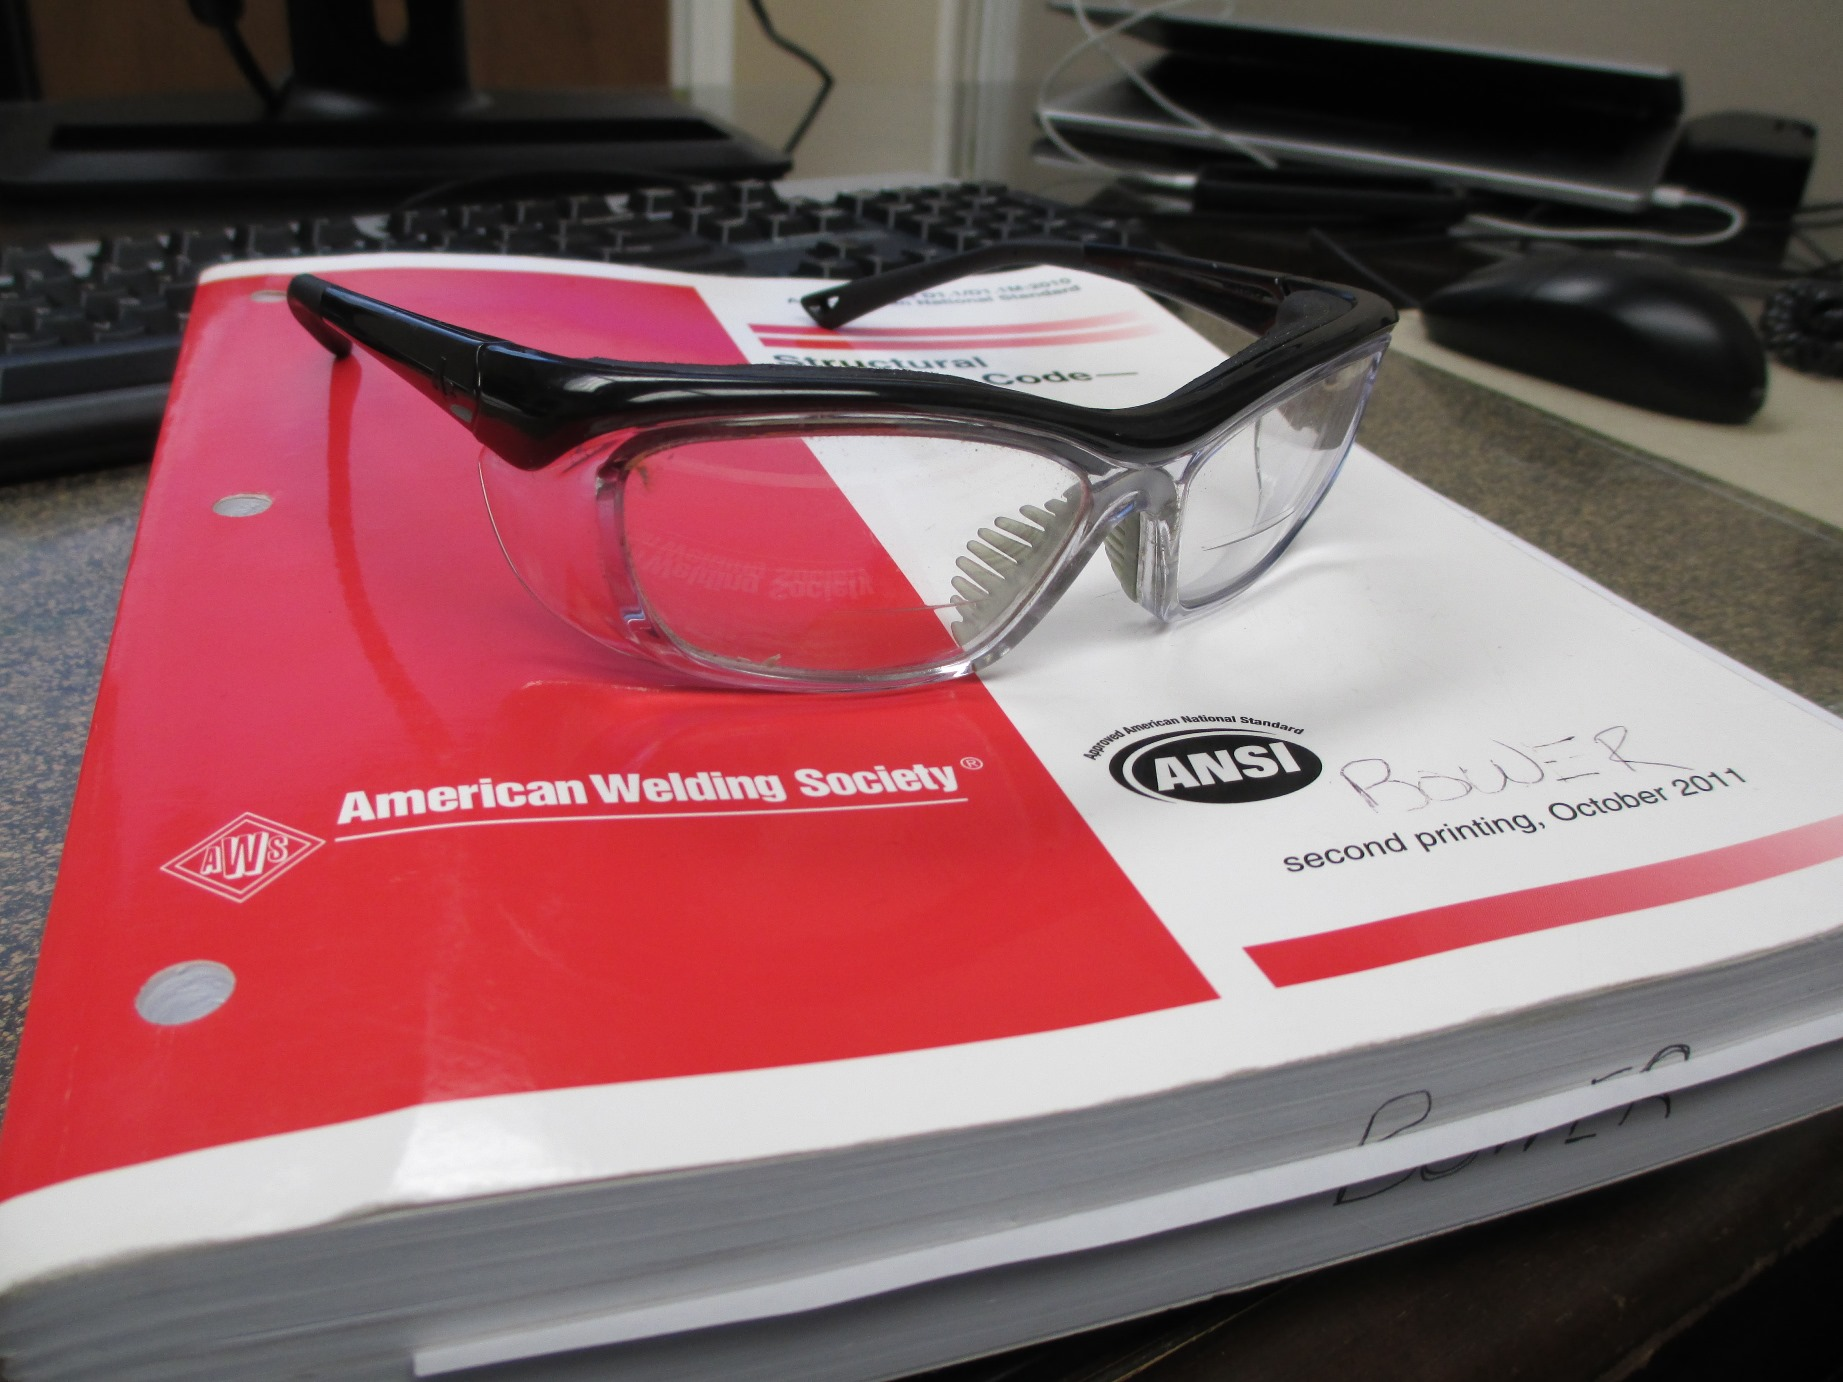 prescription eye glass frames for welders??